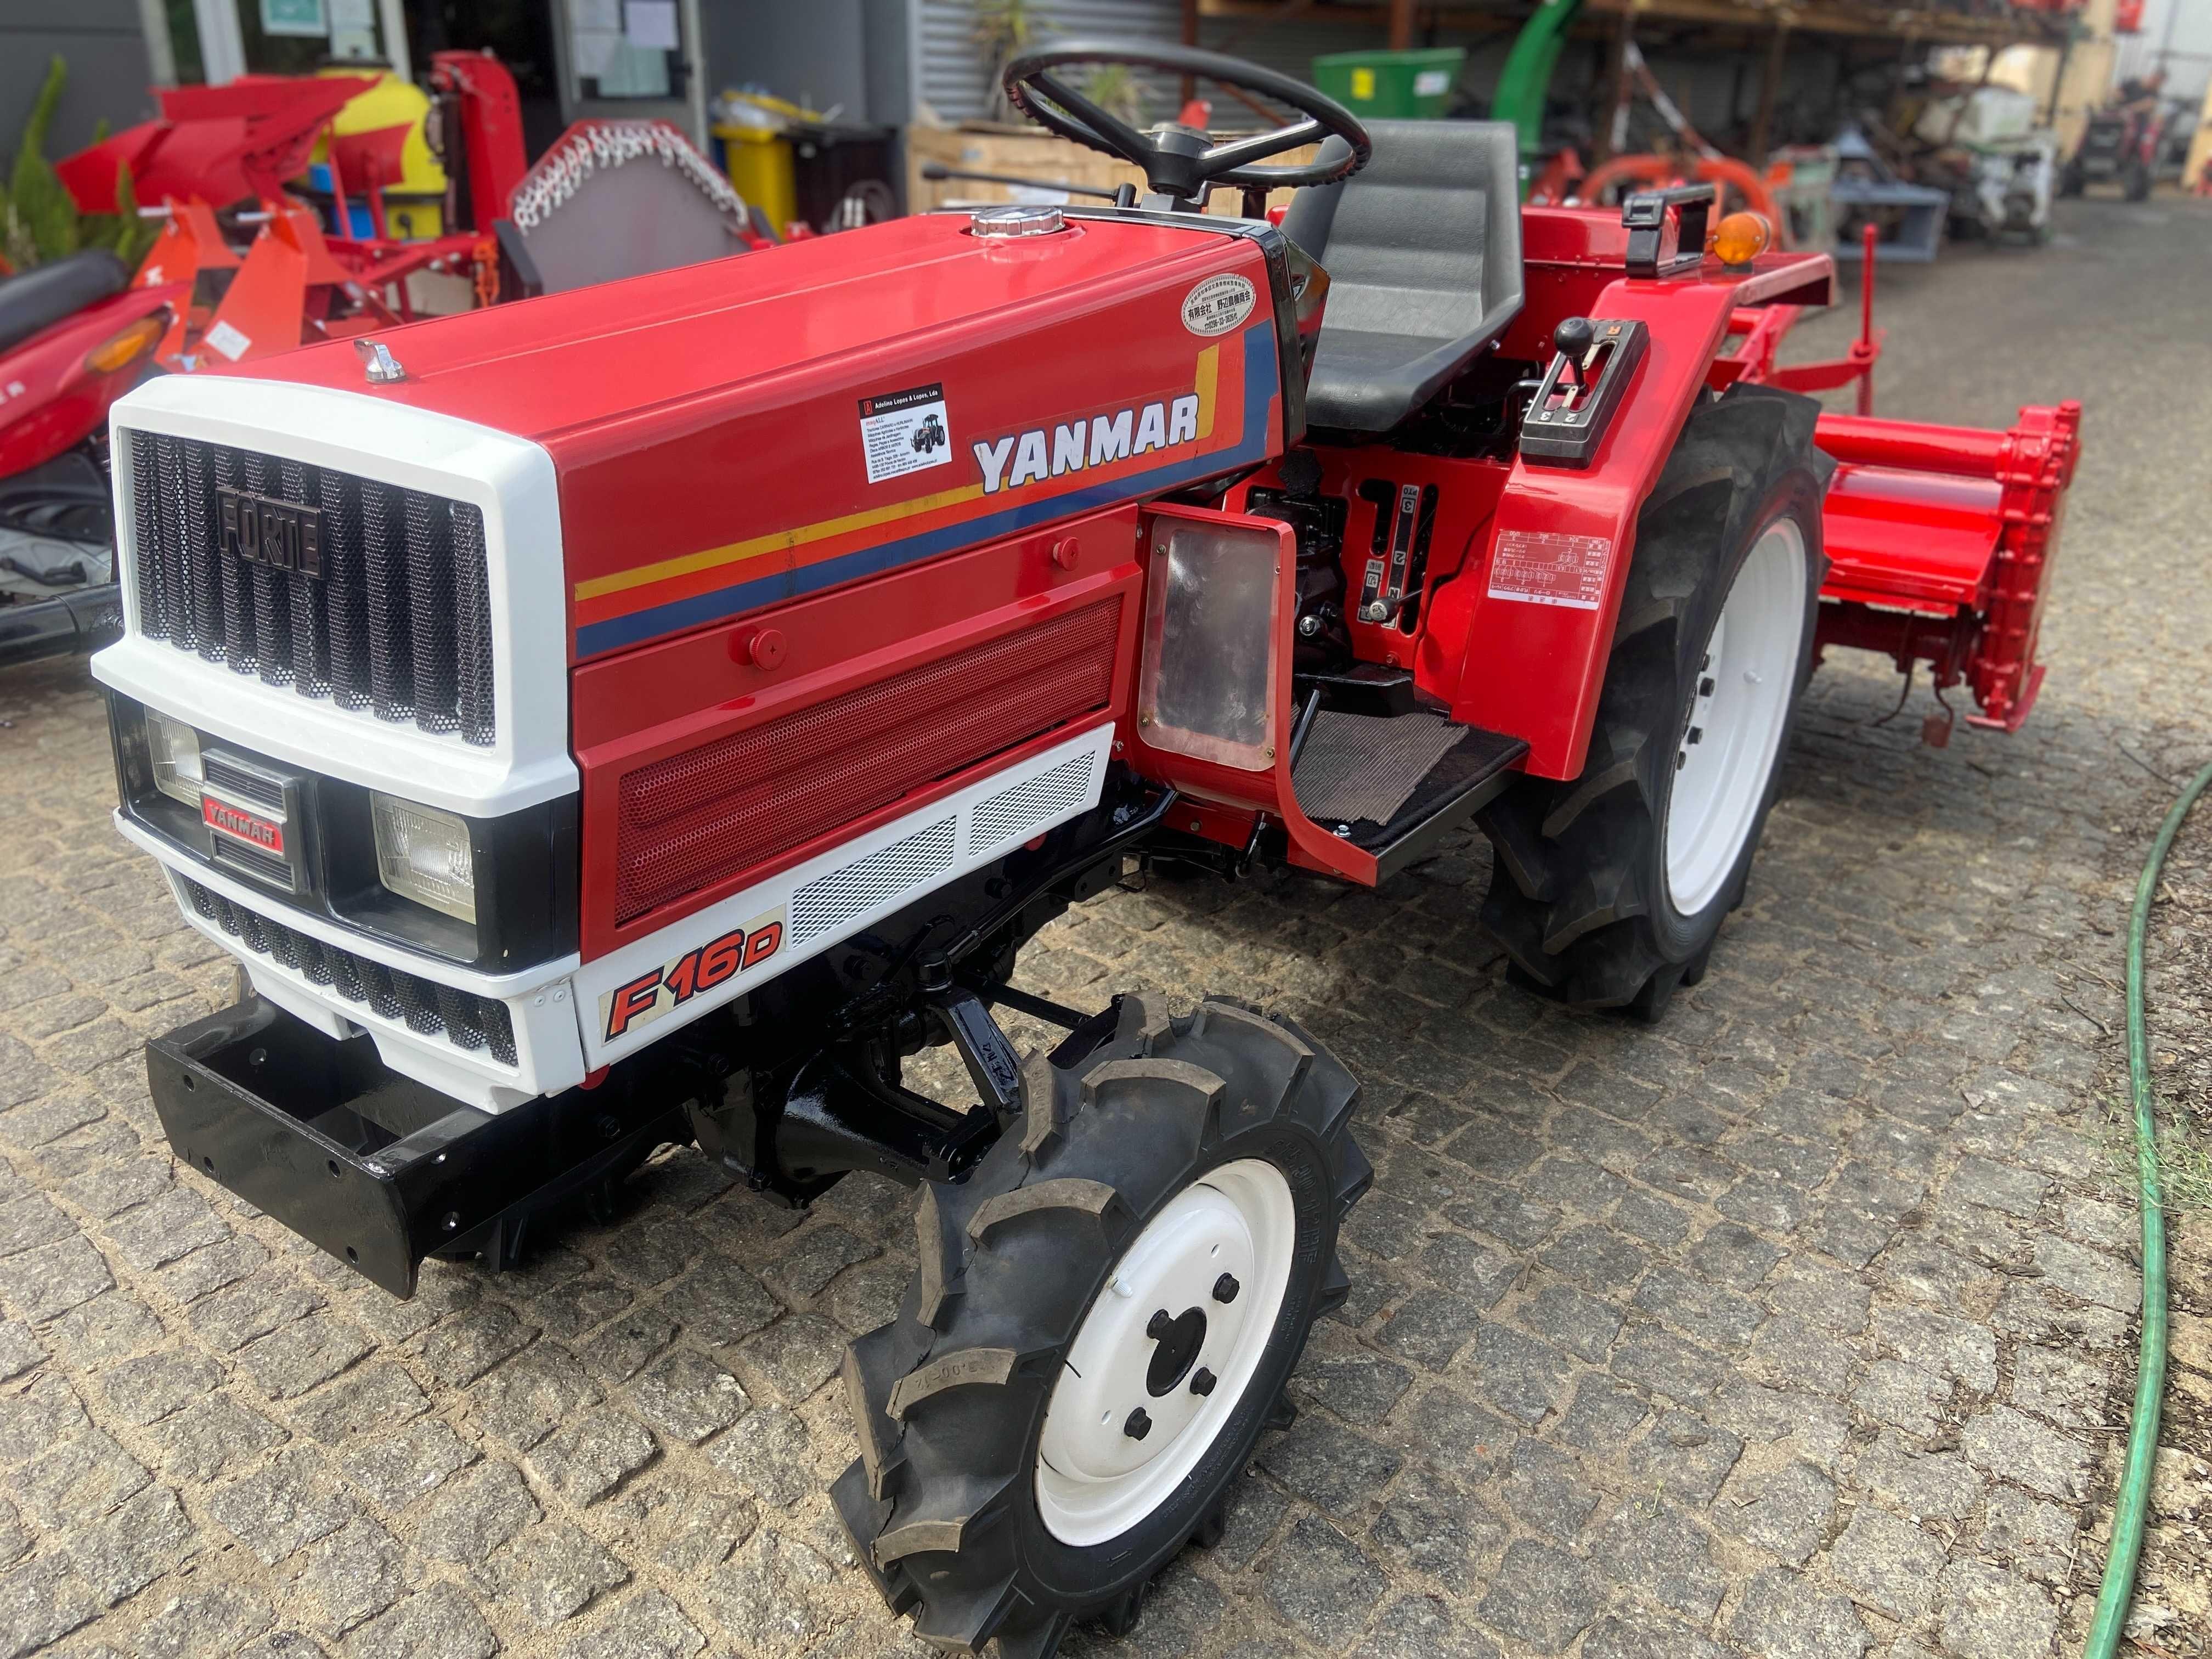 mini Trator yanmar tração 4 rodas com fresa